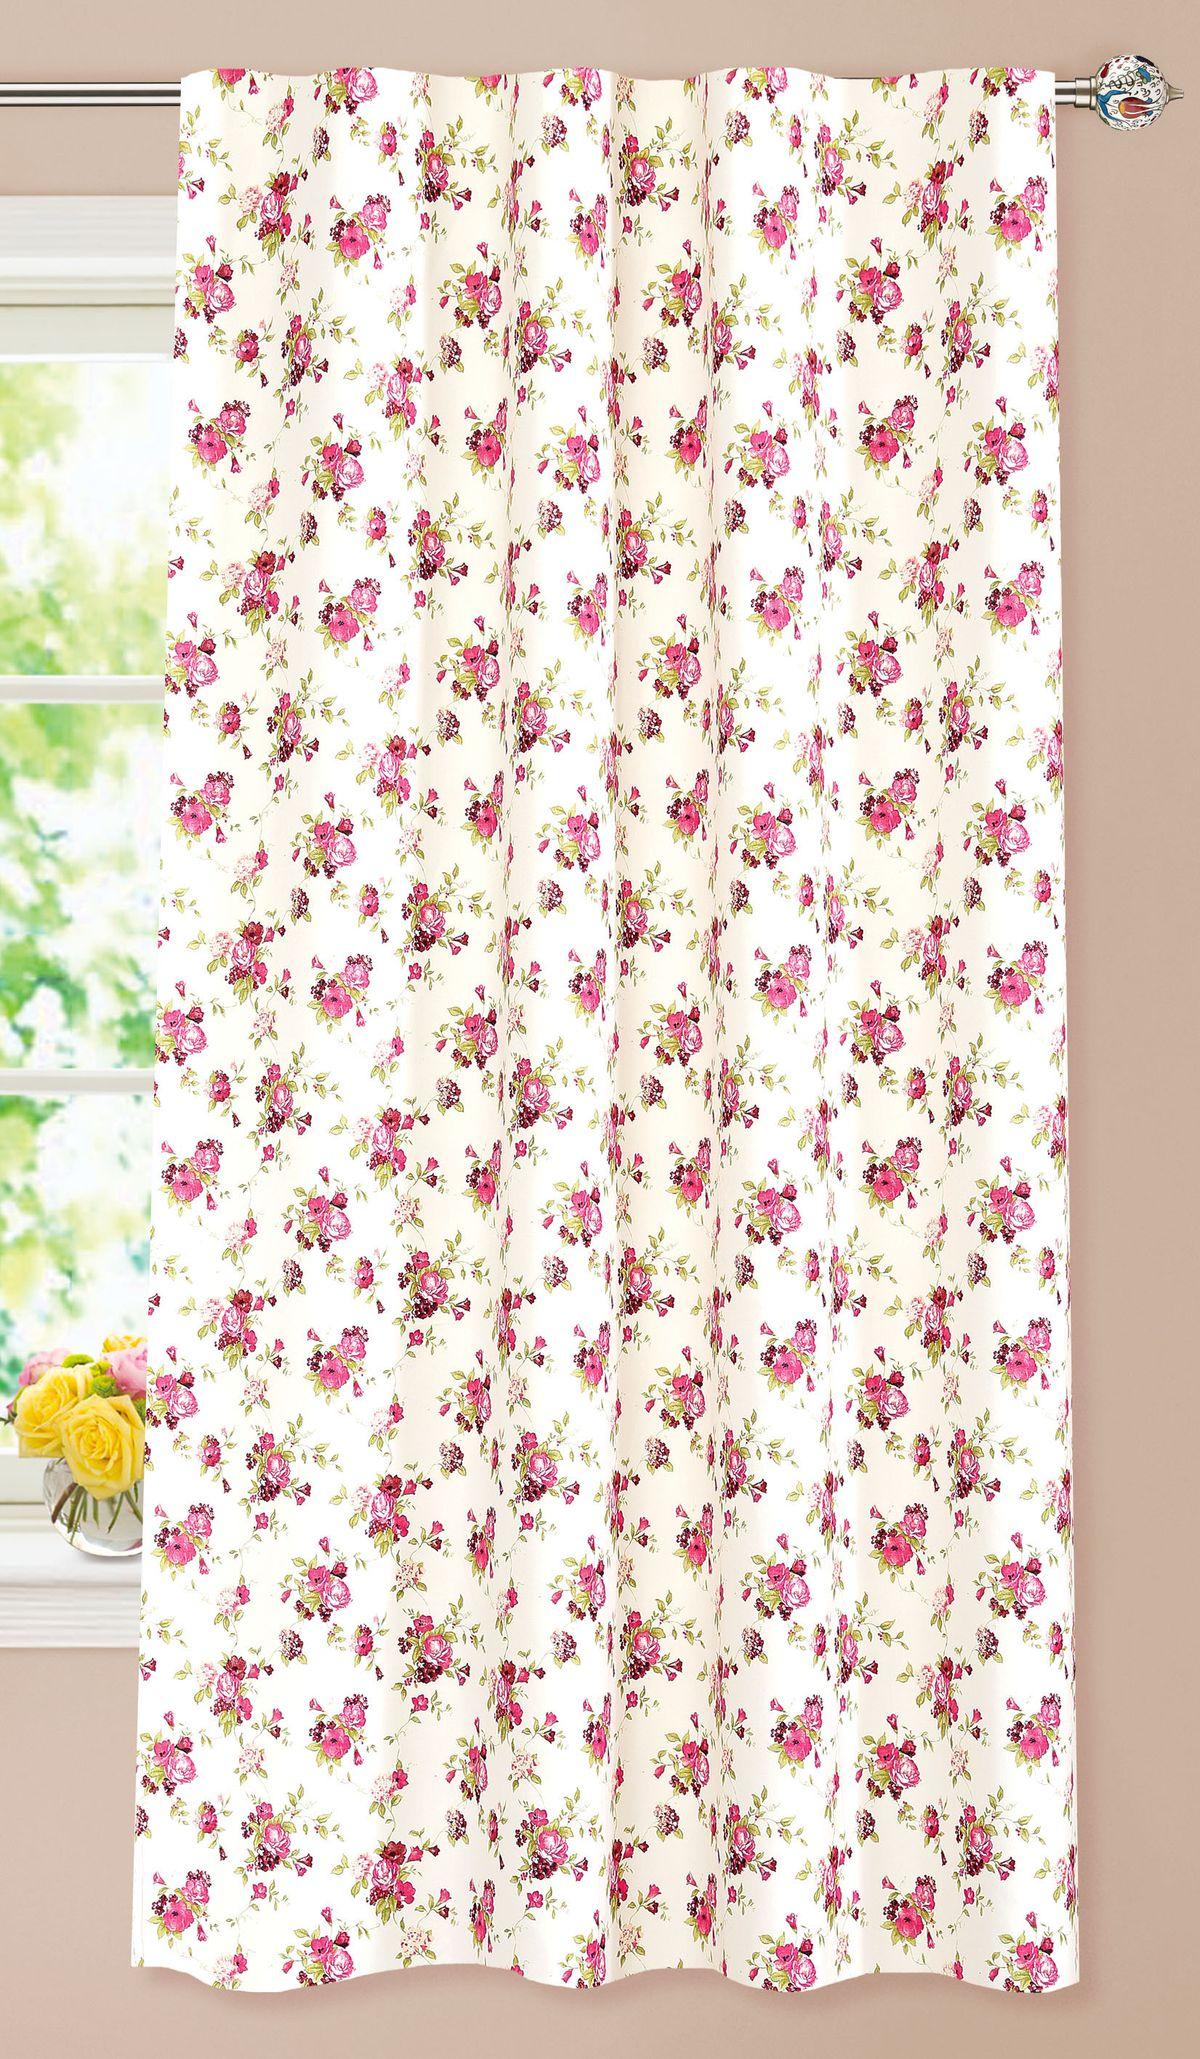 Штора готовая Garden, на ленте, цвет: розовый, 140х180 см. С 9162 - W1687 V20705535Штора для кухни Garden выполнена из плотной ткани с рисунком. Приятная текстура материала и яркая цветовая гамма привлекут к себе внимание и станут великолепным украшением кухонного окна. Штора оснащена шторной лентой для красивой сборки.